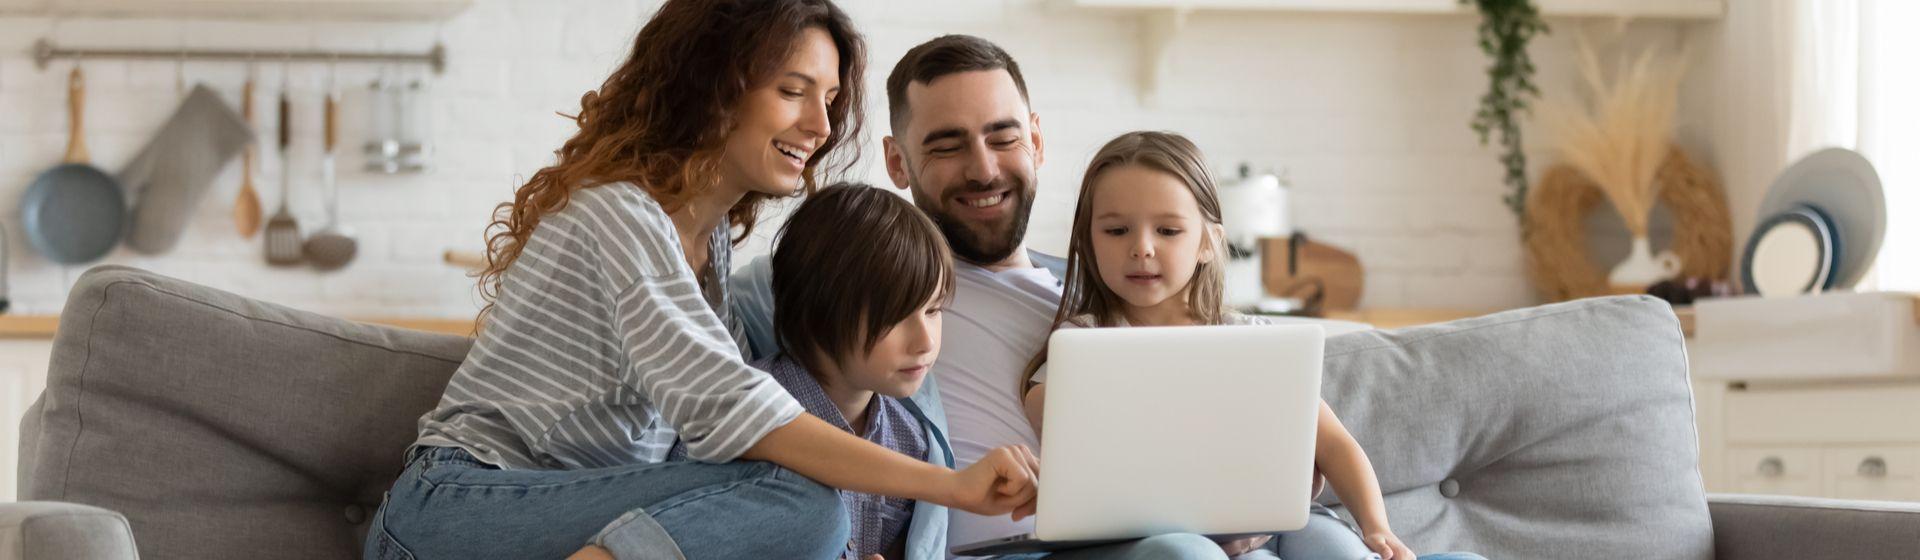 Como assistir TV online grátis no PC? Acompanhe emissoras e streaming